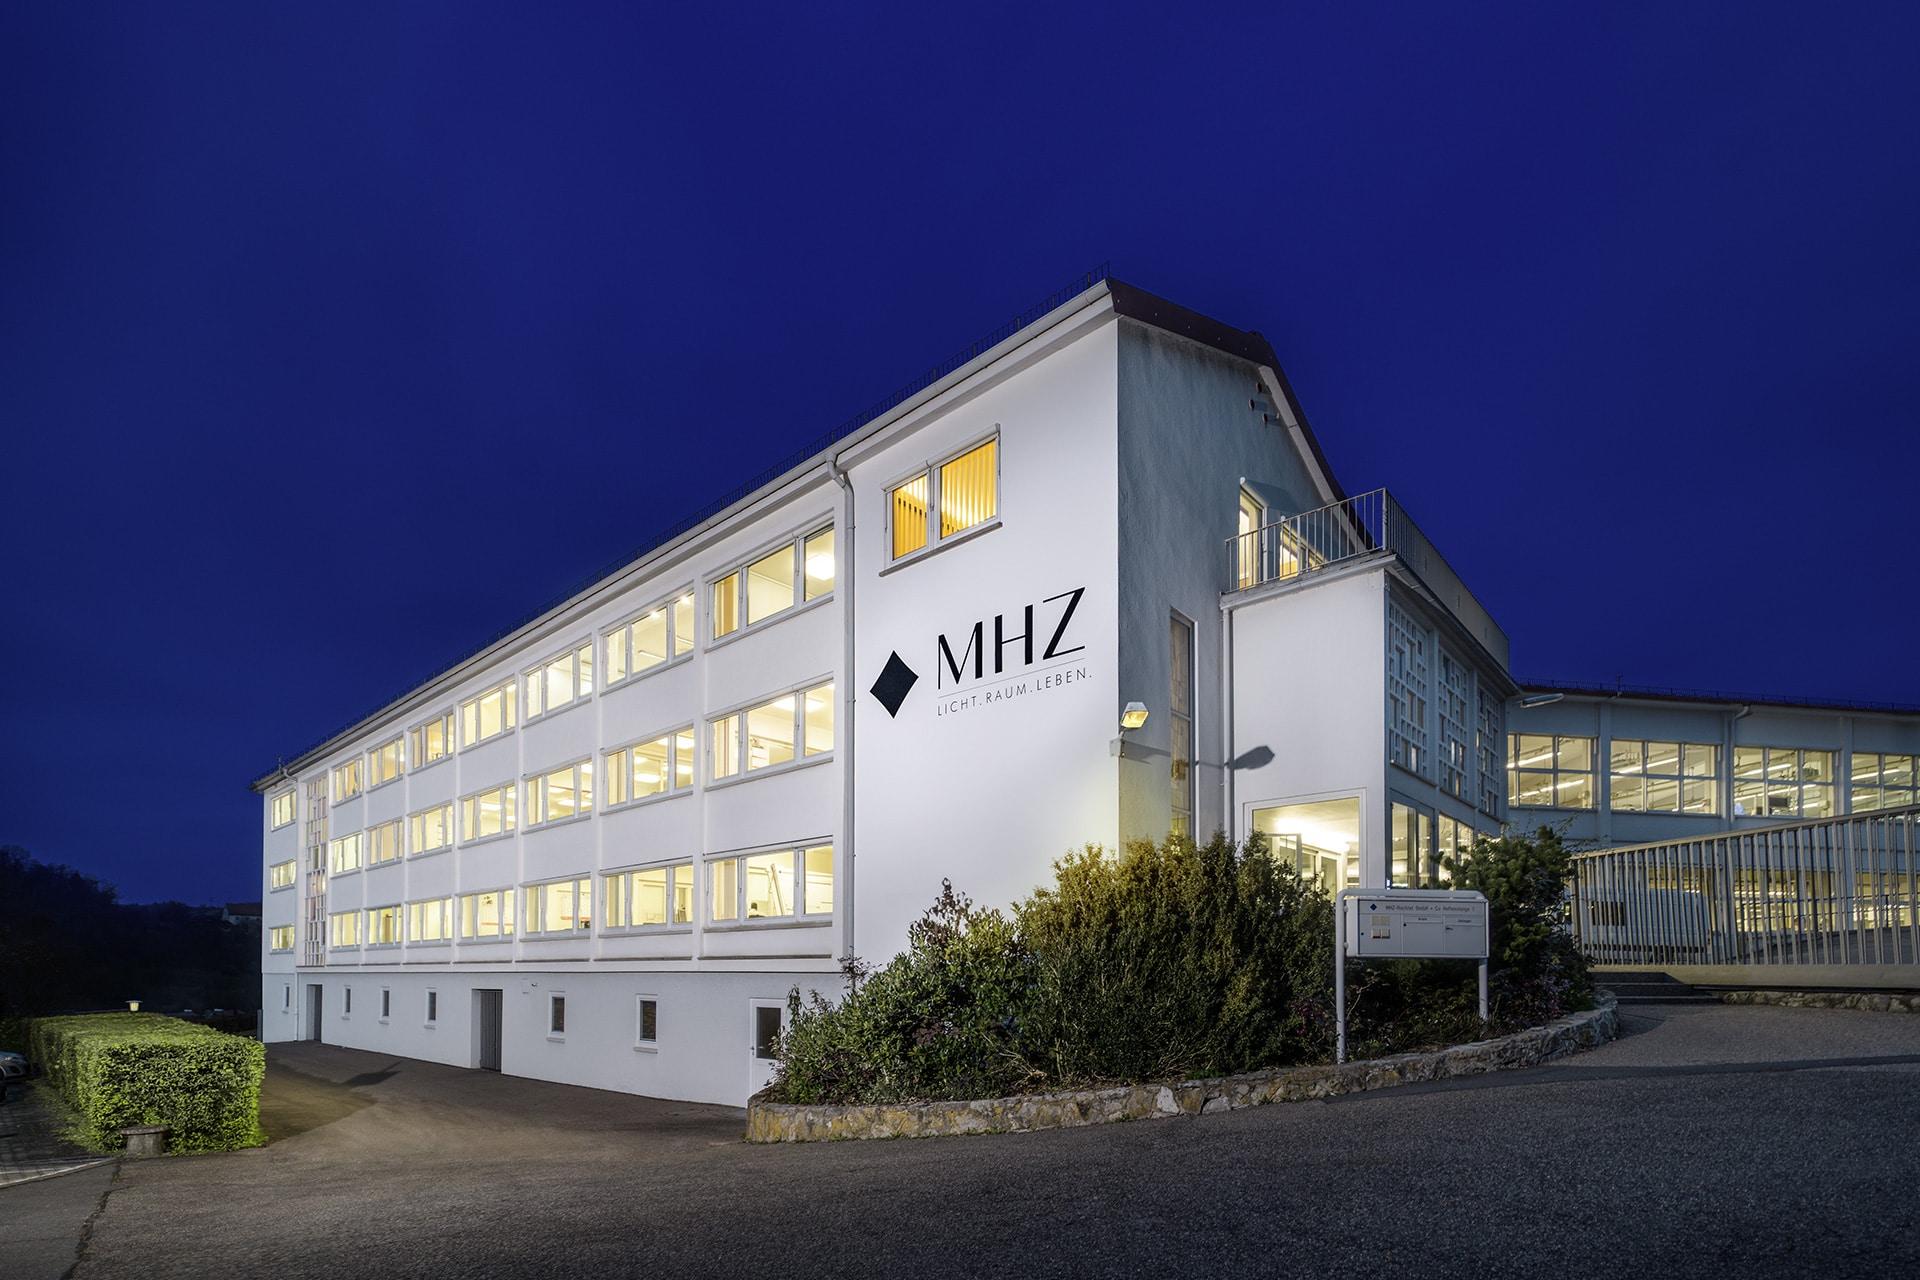 MHZ Niederstetten - Außenansicht vom Gebäude (Bild: Studio Tümmers)